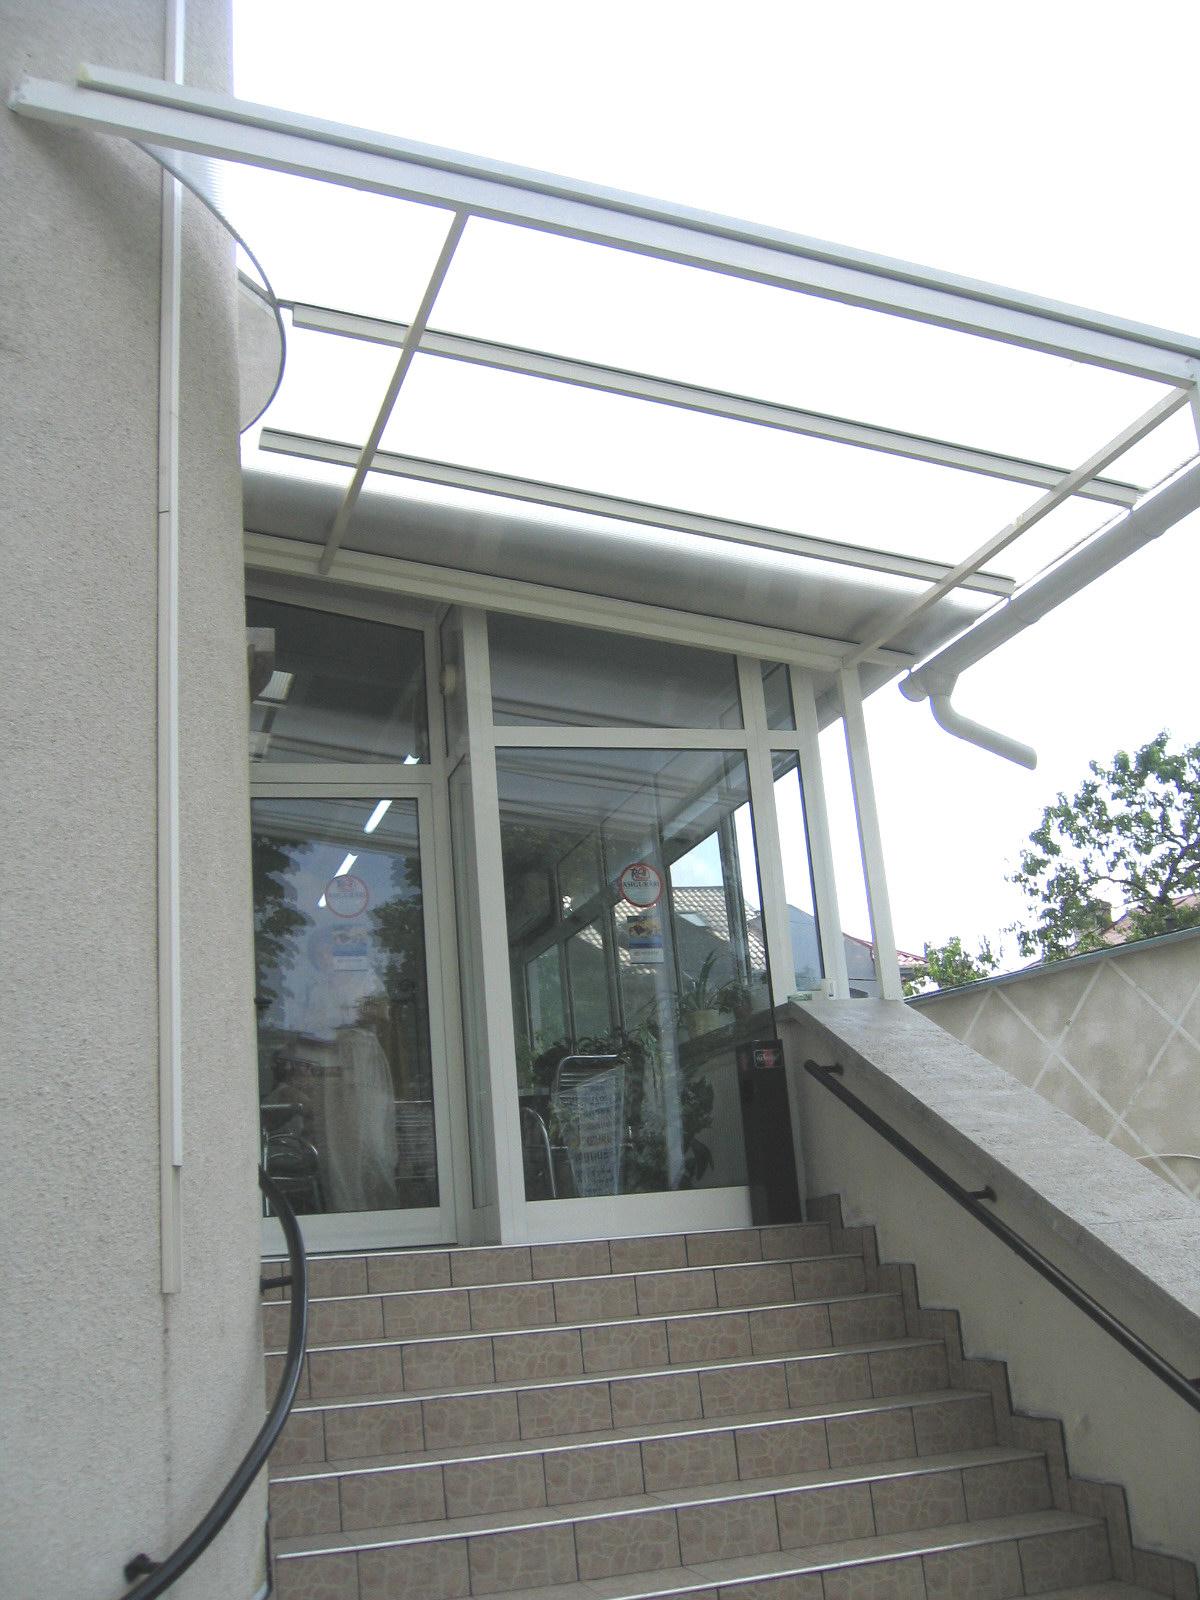 Usi si ferestre cu tamplarie din profile de aluminiu ABAFORM - Poza 9